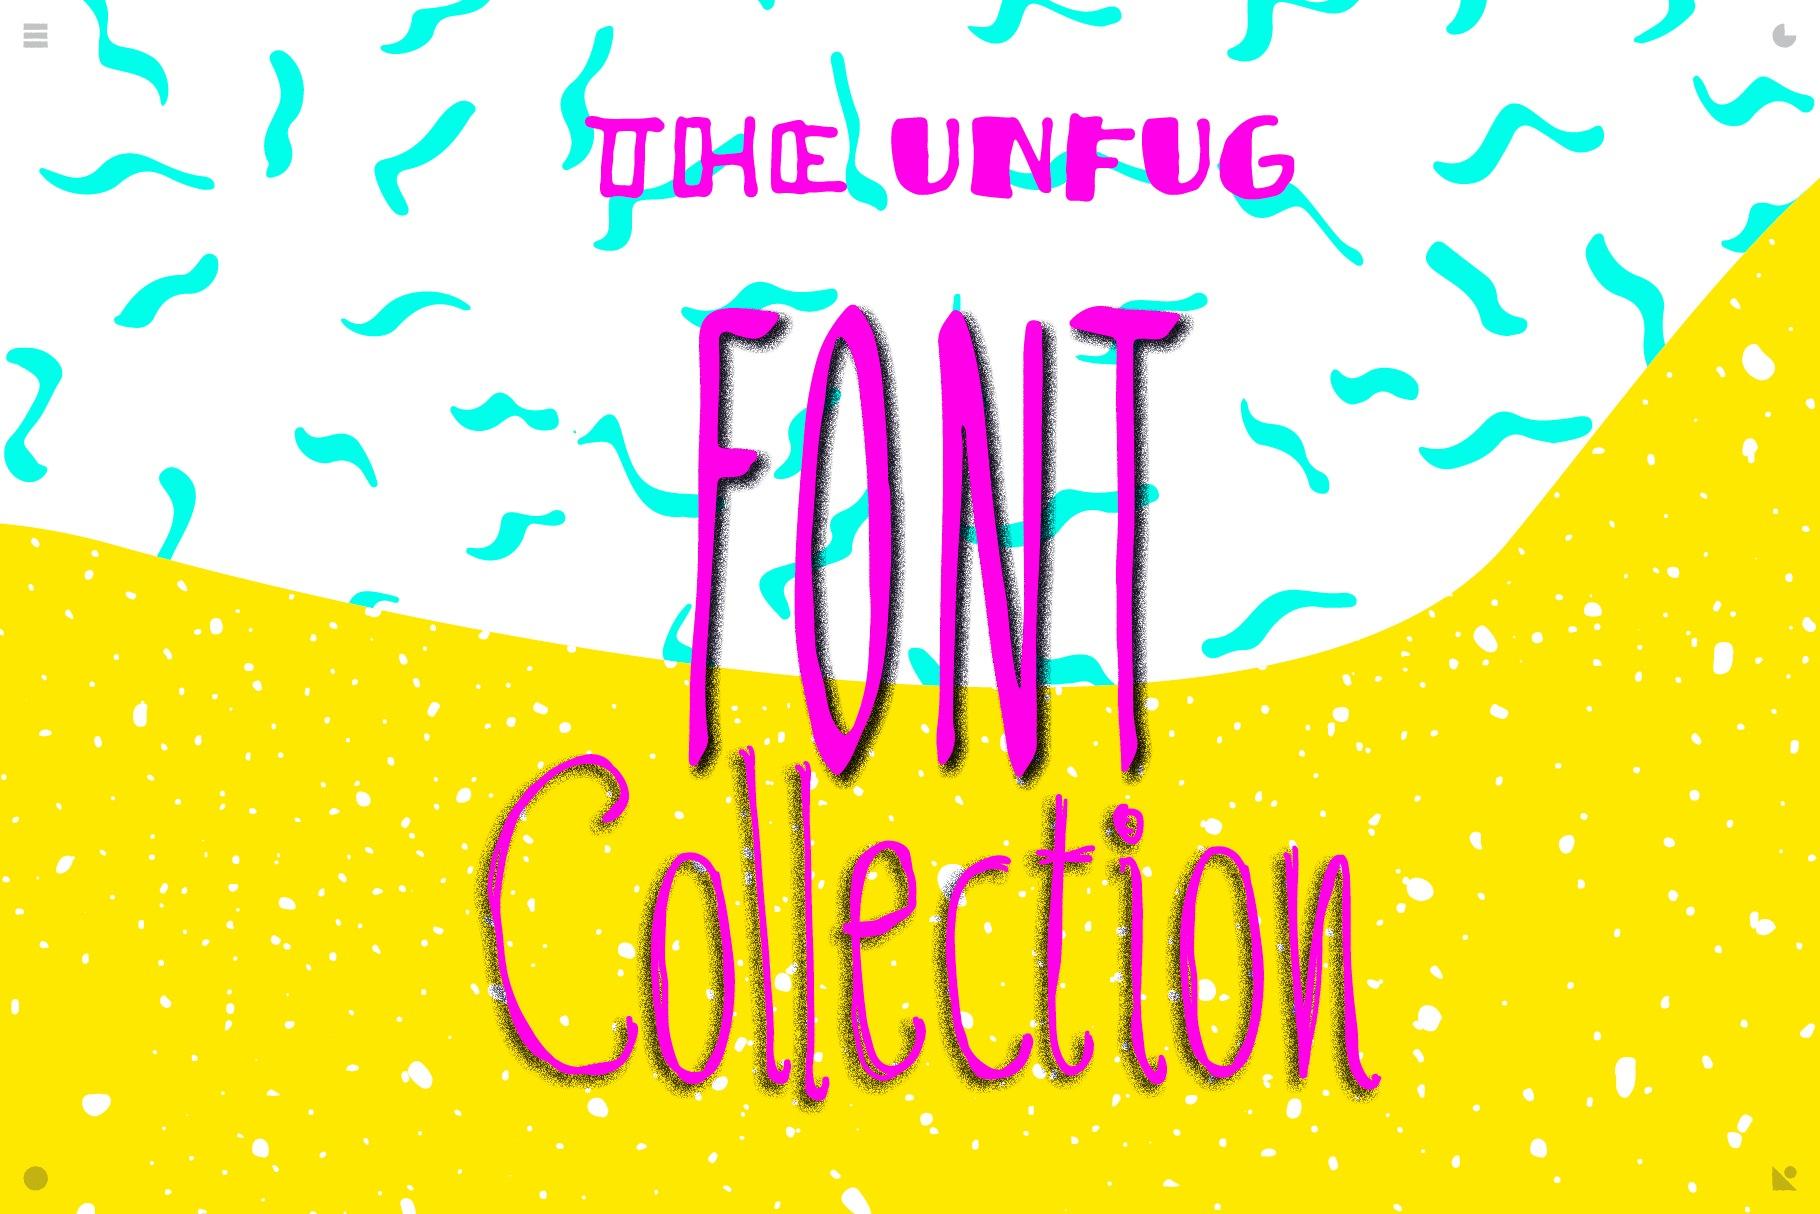 zumEgon_Fonts_Unfug-Collection_01